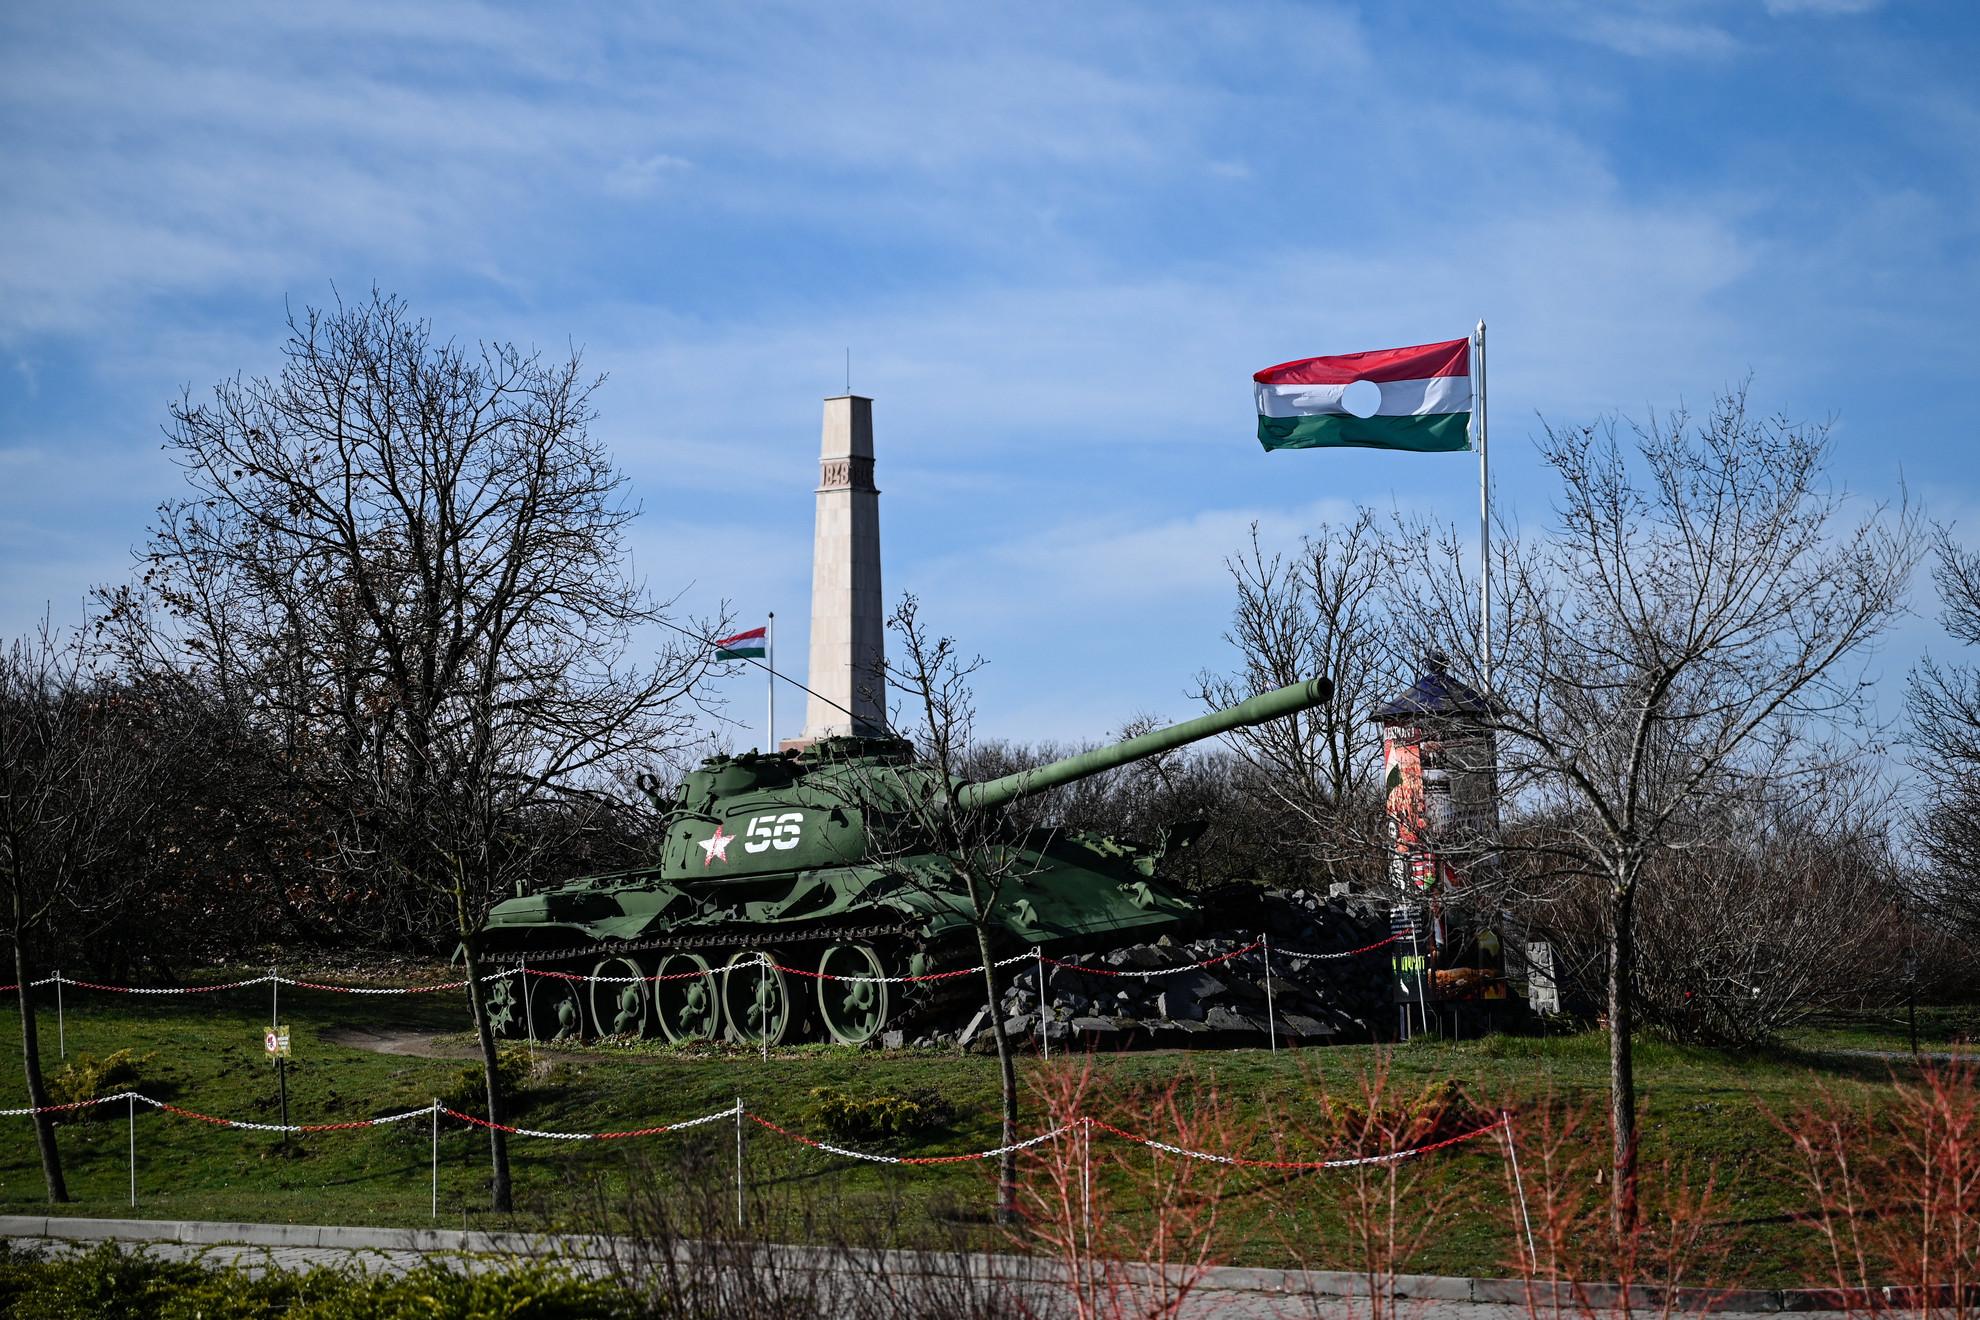 56-os harckocsi a pákozdi Katonai Emlékparkban, 2020. március 7-én